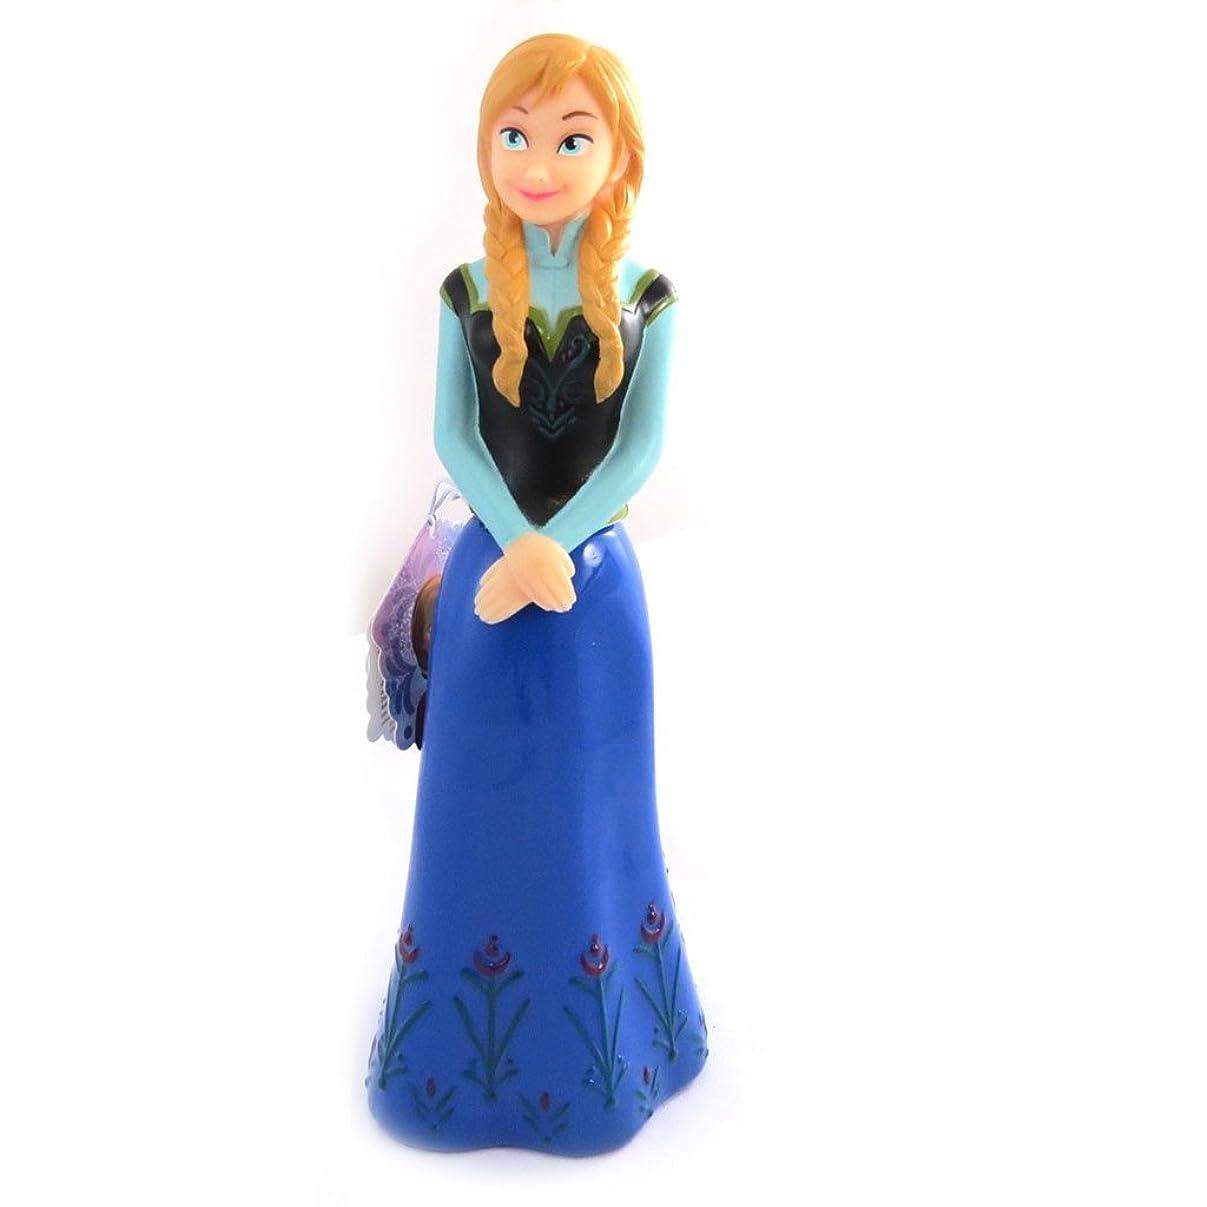 検索エンジンマーケティングモザイク九時四十五分[雪の女王 (Reine des Neiges)] (Frozen - Reine des Neiges コレクション) [M2698] ボディソープ ブルー